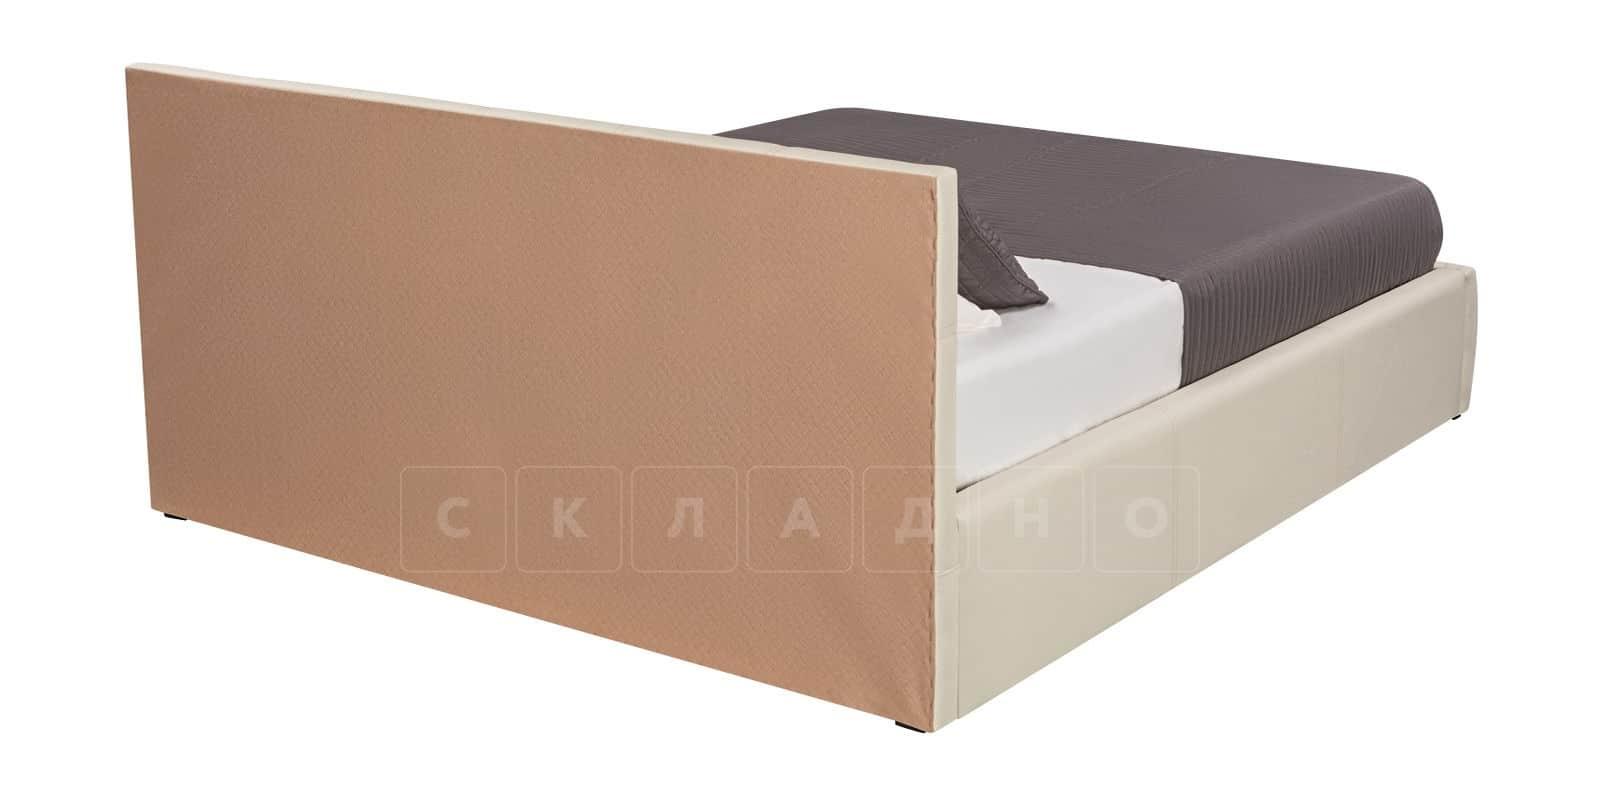 Мягкая кровать Афина 140см экокожа молочного цвета фото 4 | интернет-магазин Складно